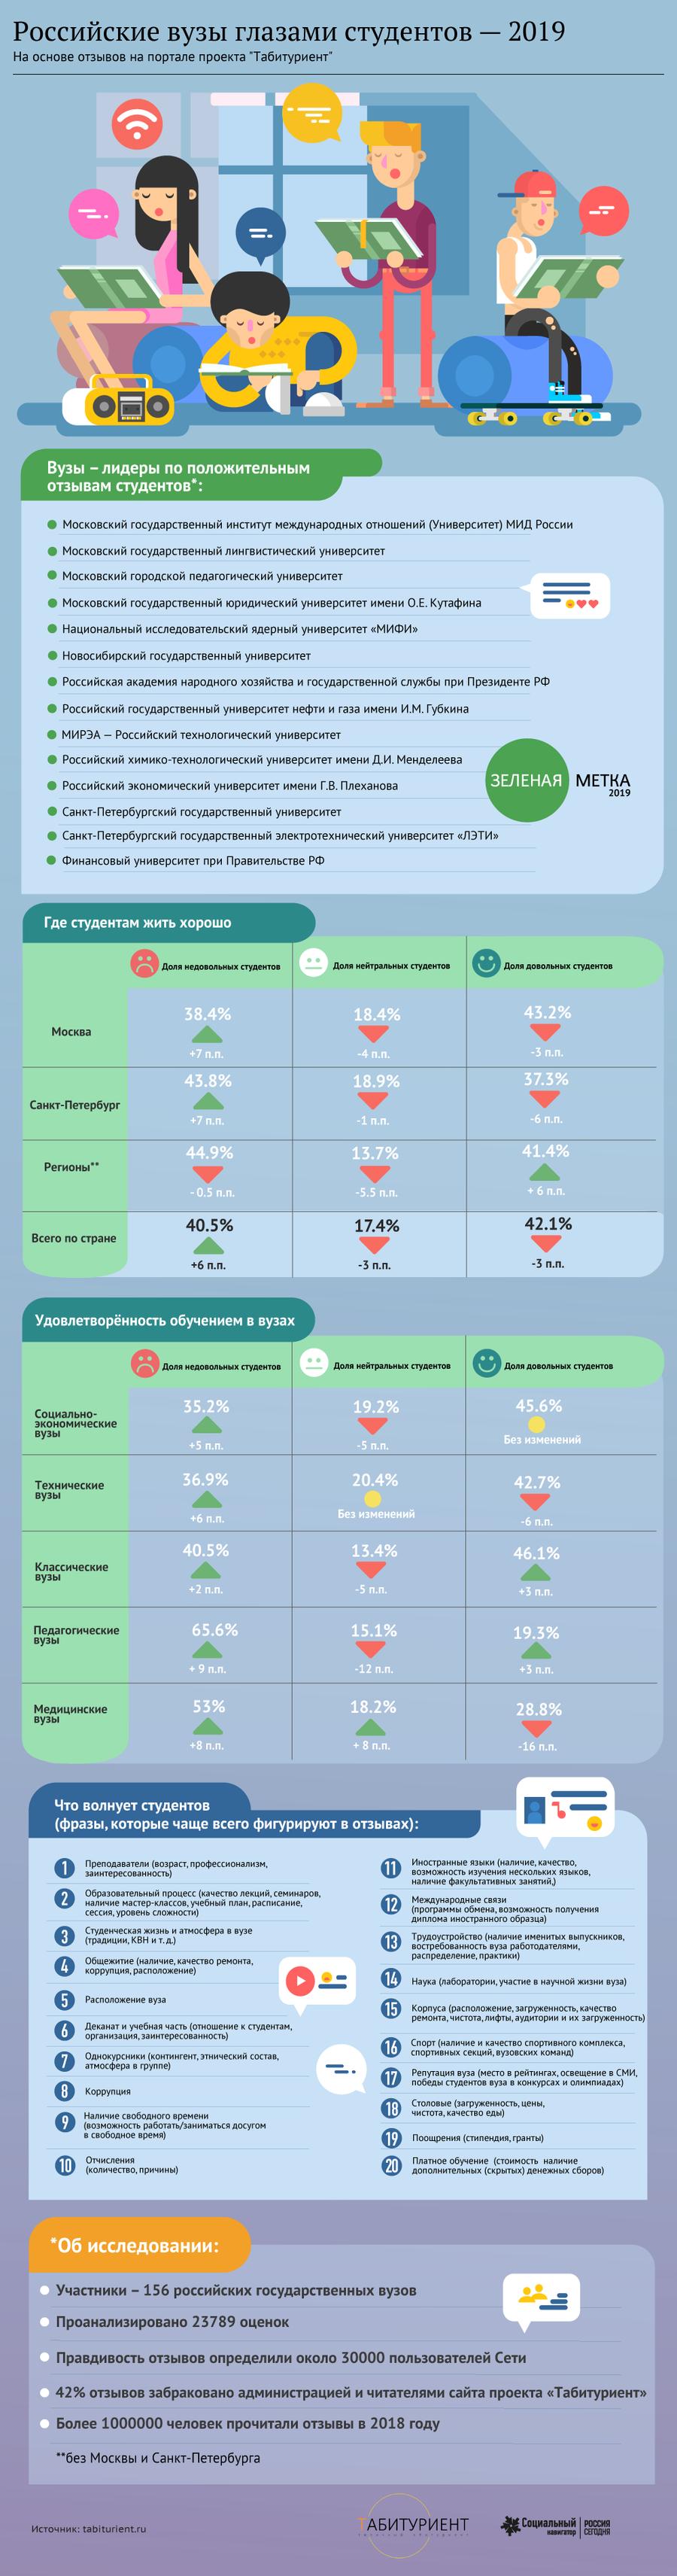 Российские вузы глазами студентов - 2019